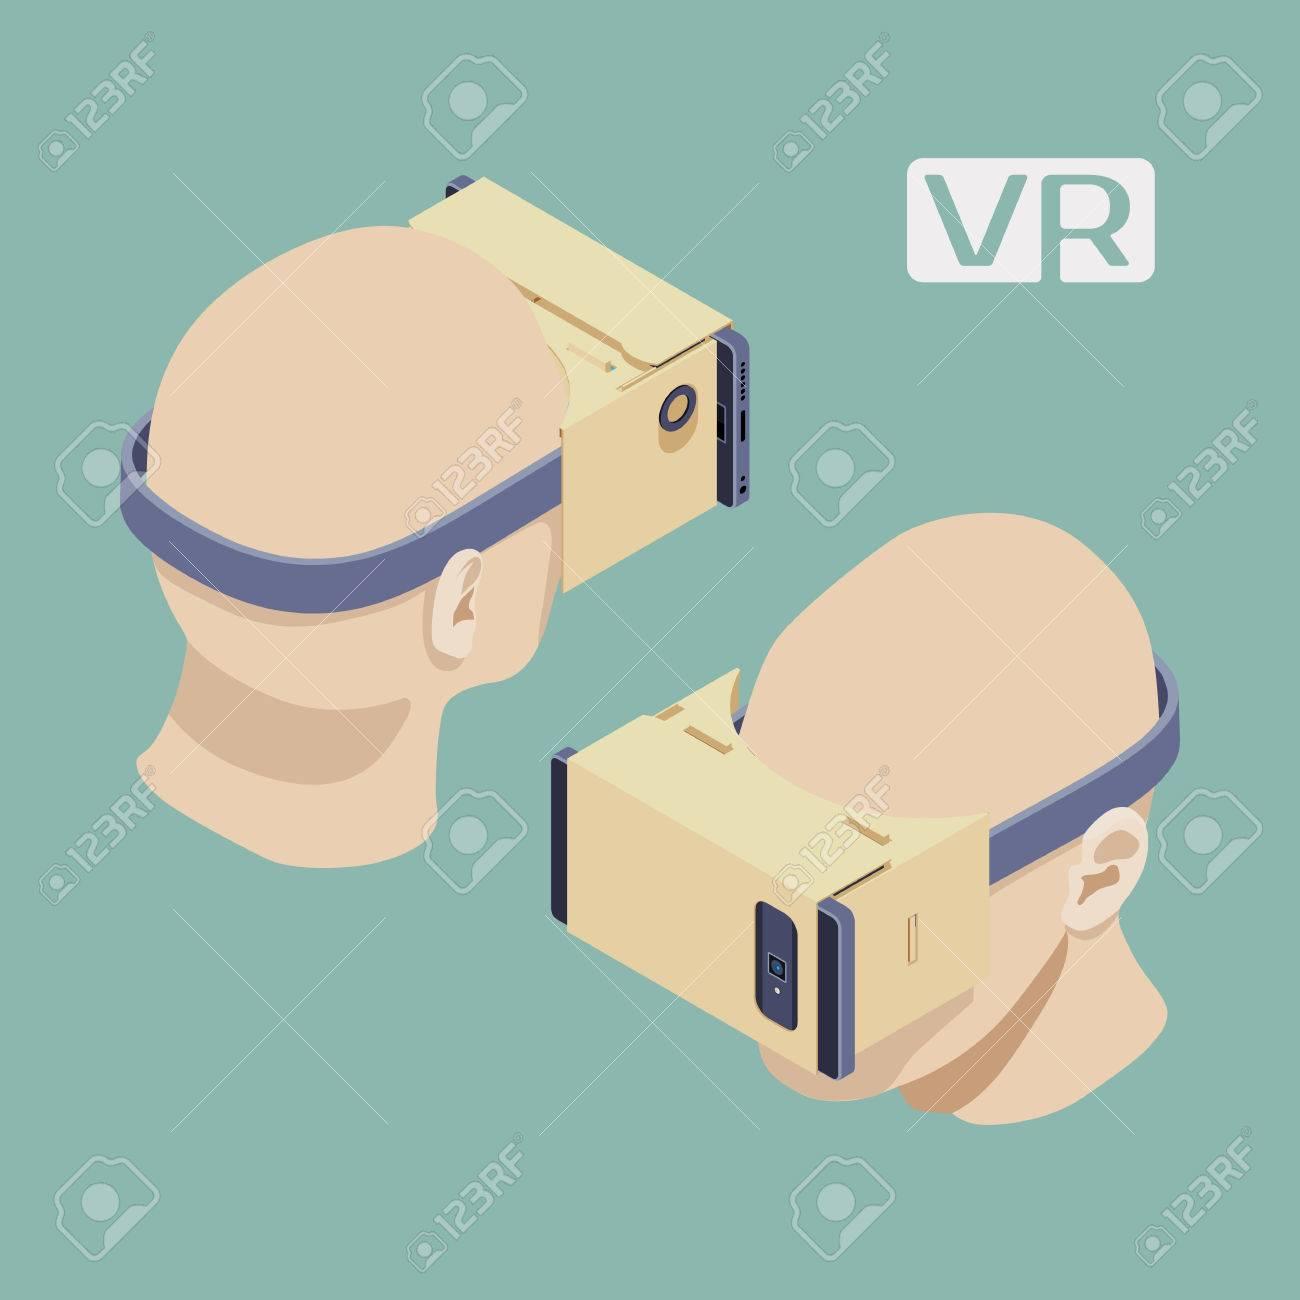 Cartón isométrica auriculares de realidad virtual. Los objetos están aislados sobre el fondo verde pálido y se muestran por dos lados